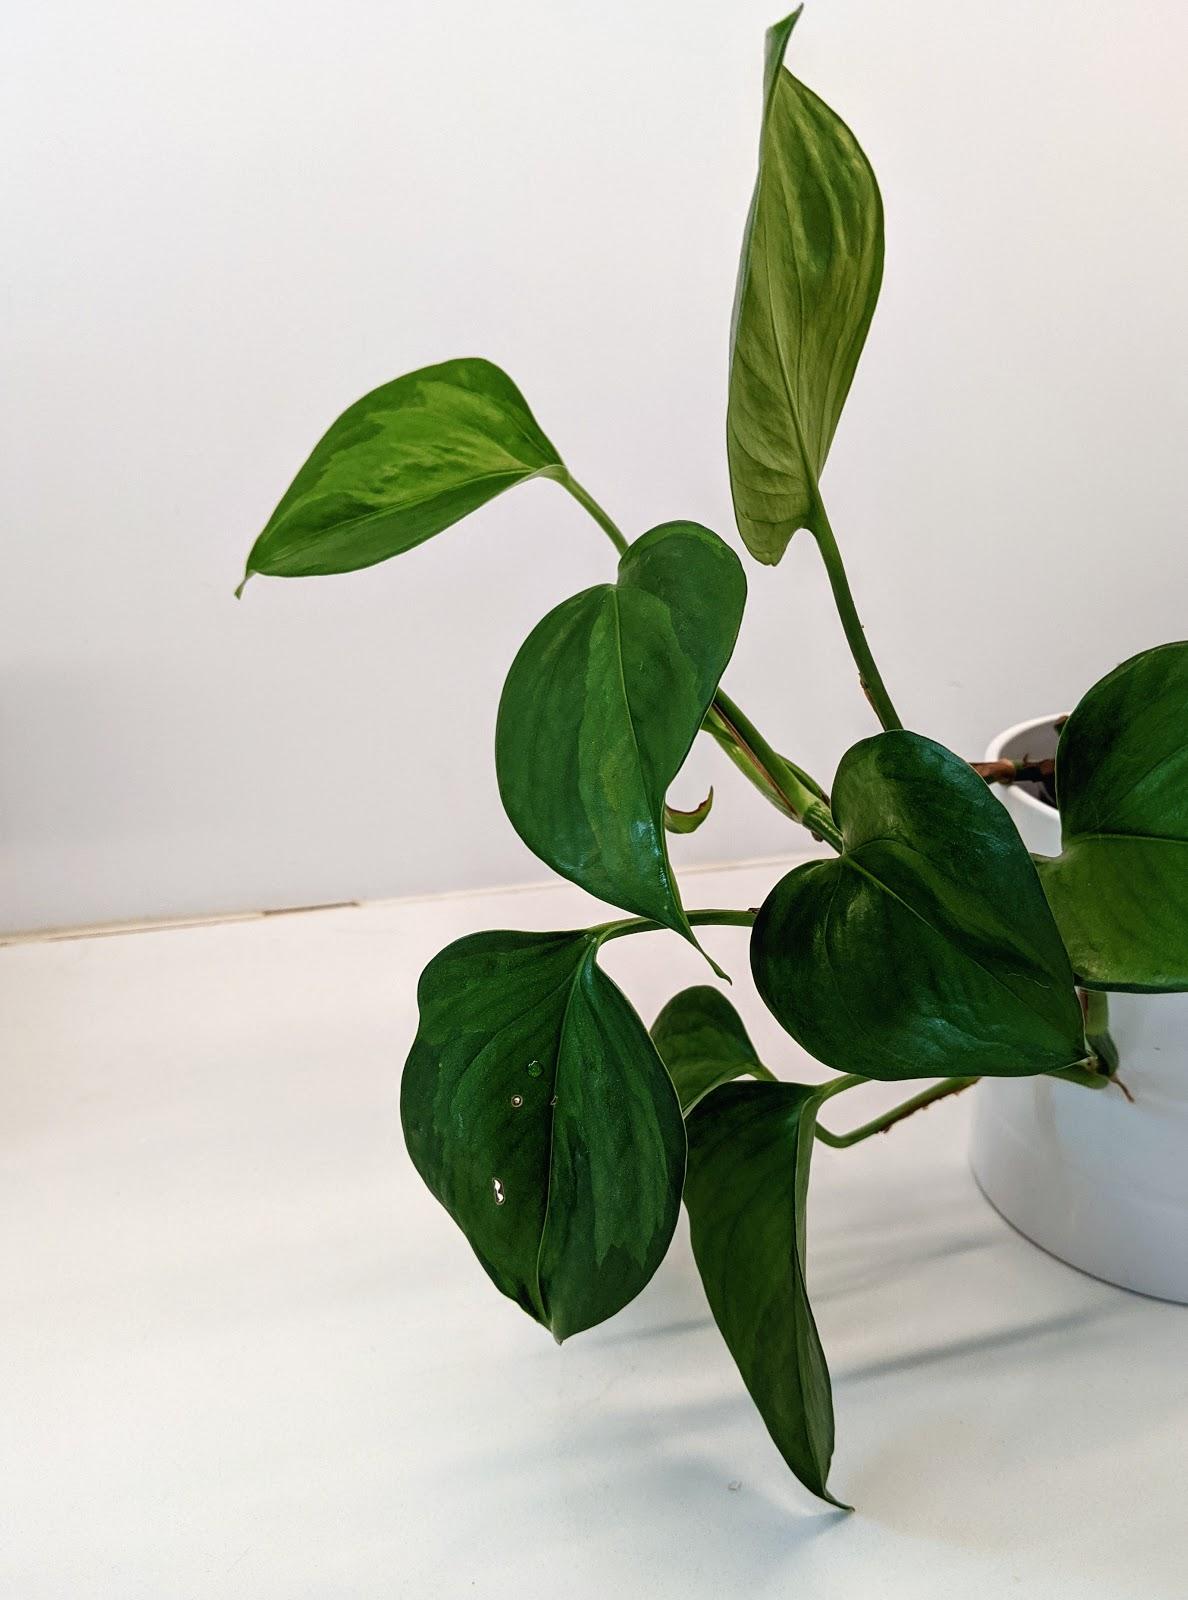 Jade Pothos (Epipremnum aureum)